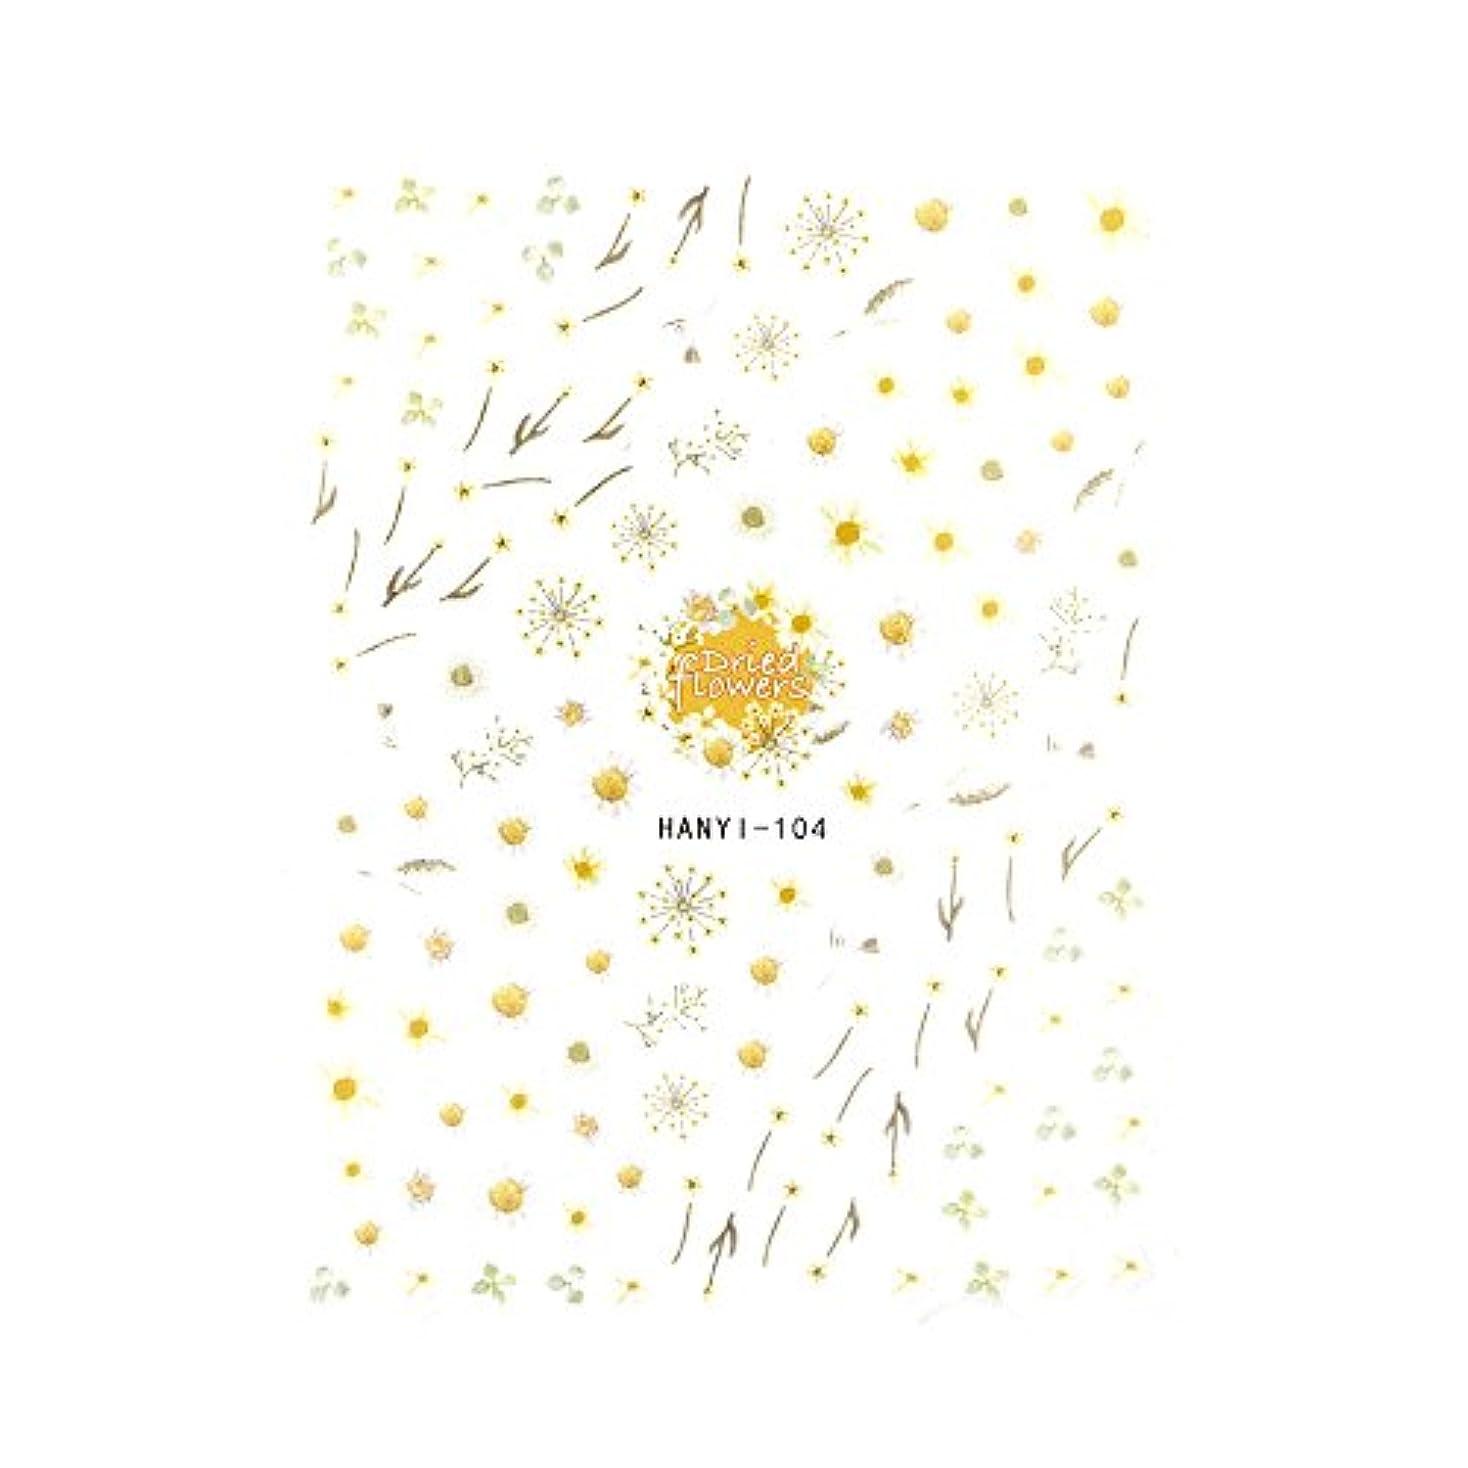 気楽な谷かび臭い【HANYI-104】アイボリードライフラワーシール ドライフラワーネイル 花柄ネイル フルール 春ネイル ニュアンスネイル 押し花